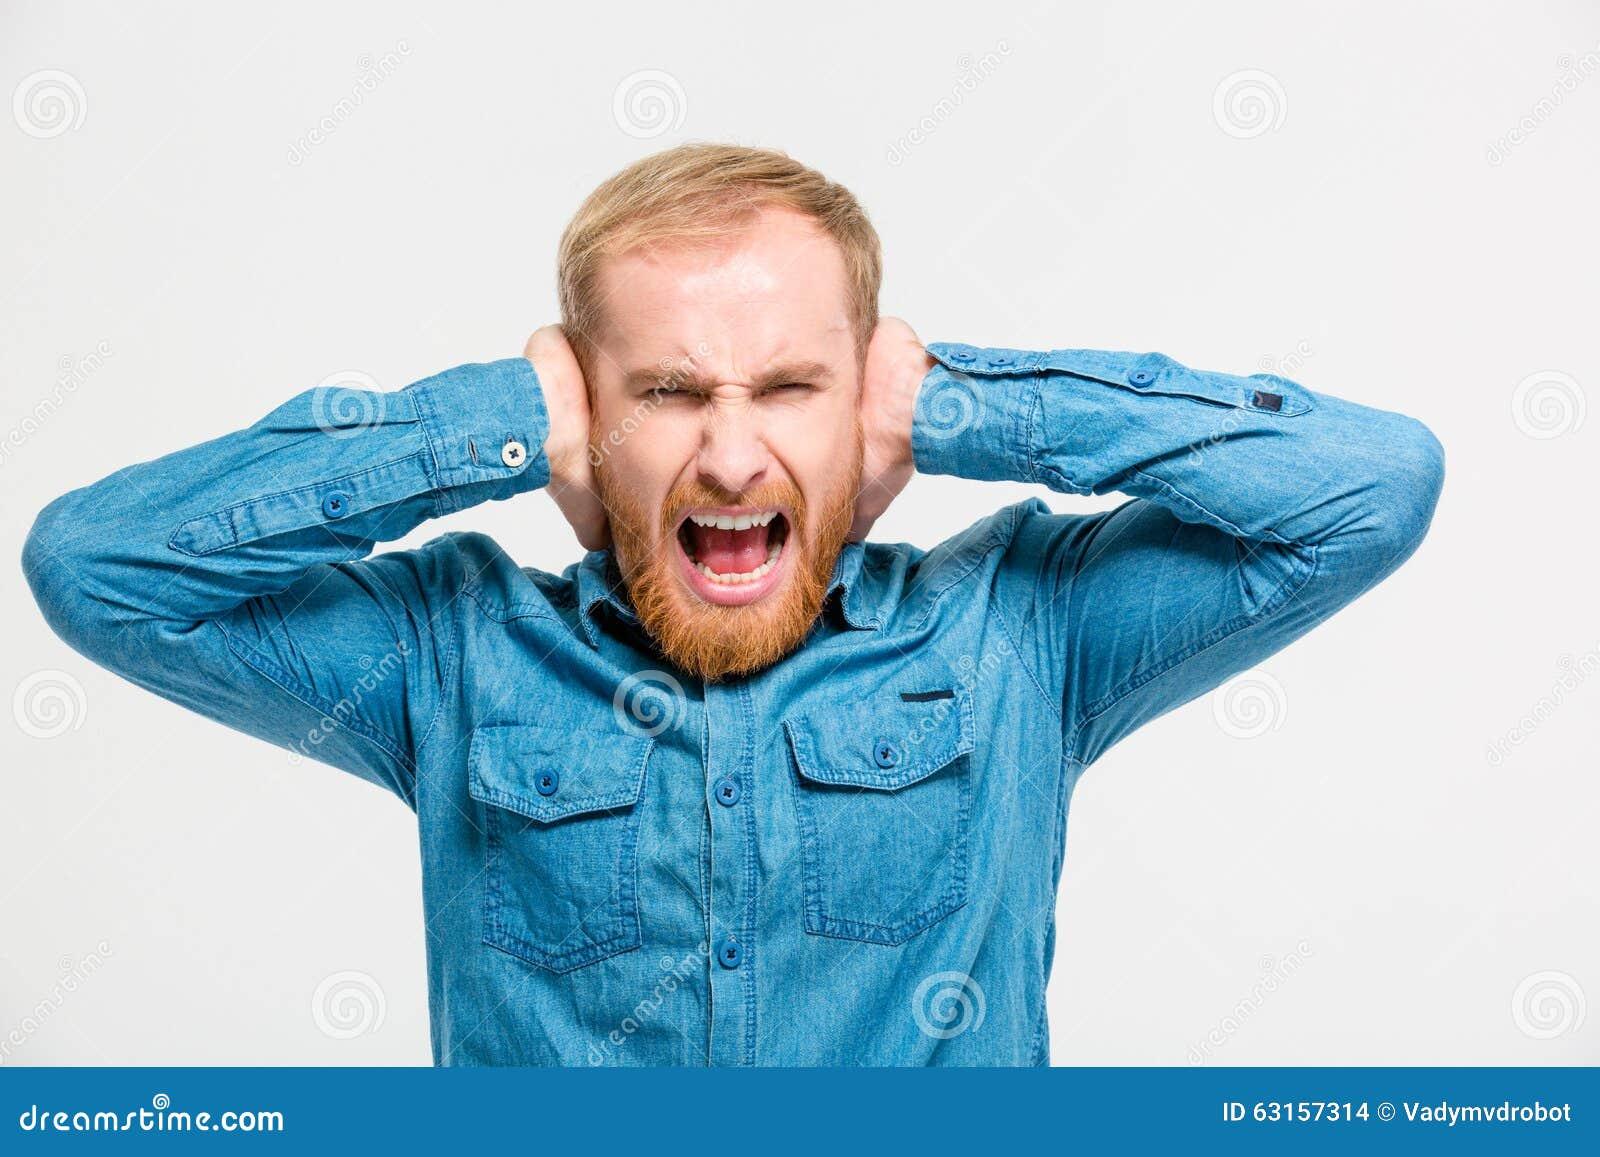 疯狂的歇斯底里的人用人工和尖叫关闭了耳朵